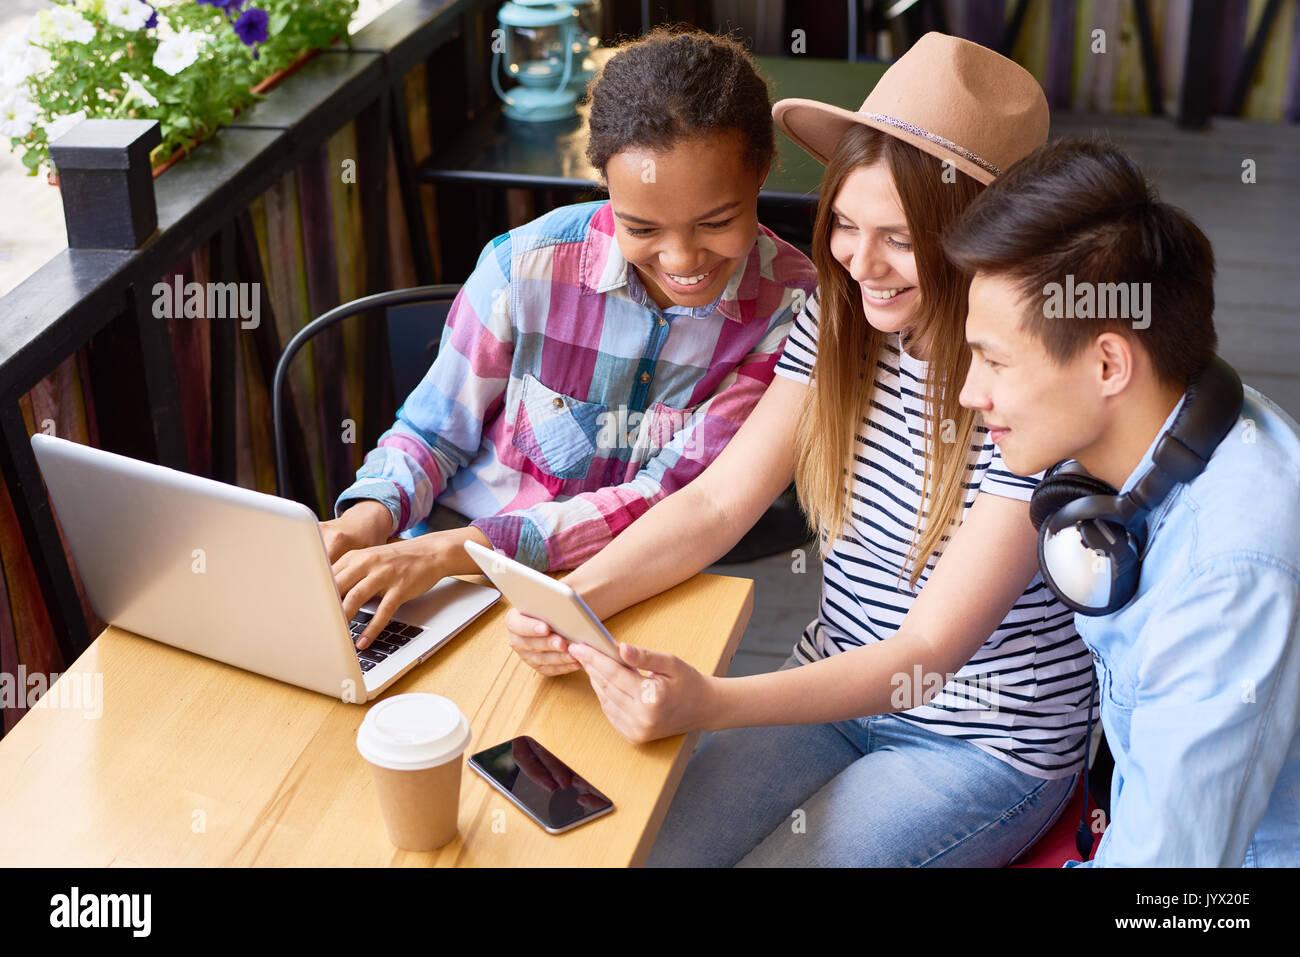 Amigos utilizando dispositivos digitales de Cafe Imagen De Stock